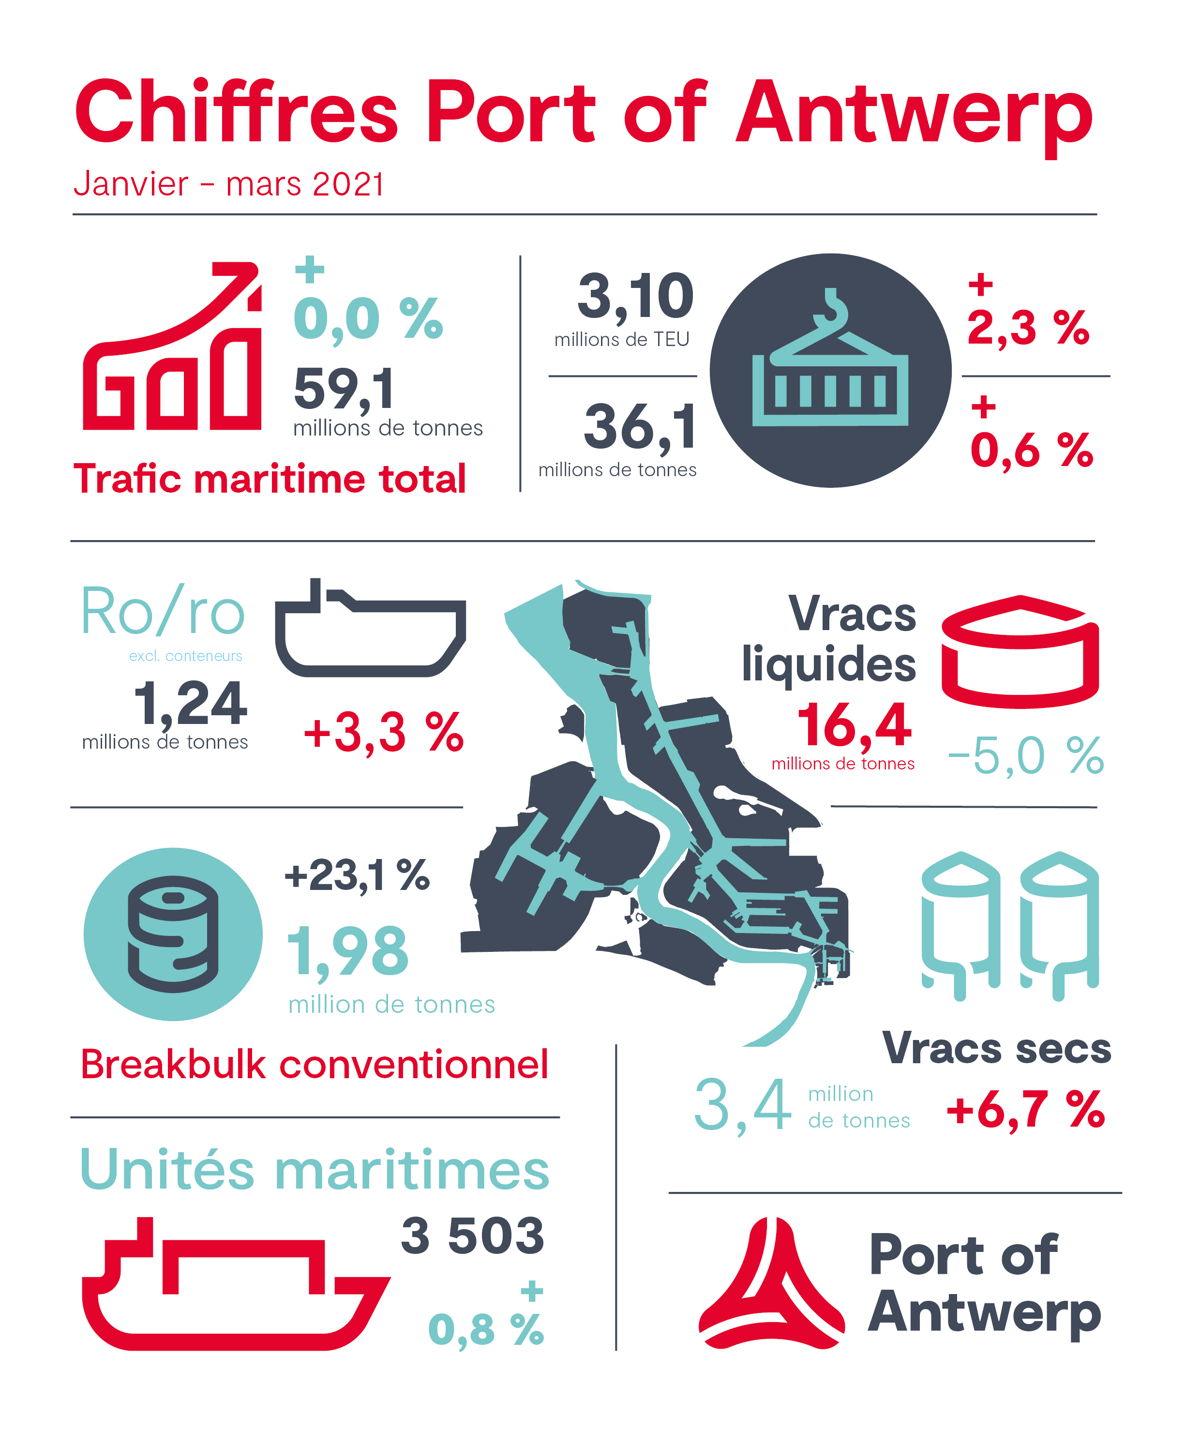 Chiffres Port of Antwerp Q1 2021